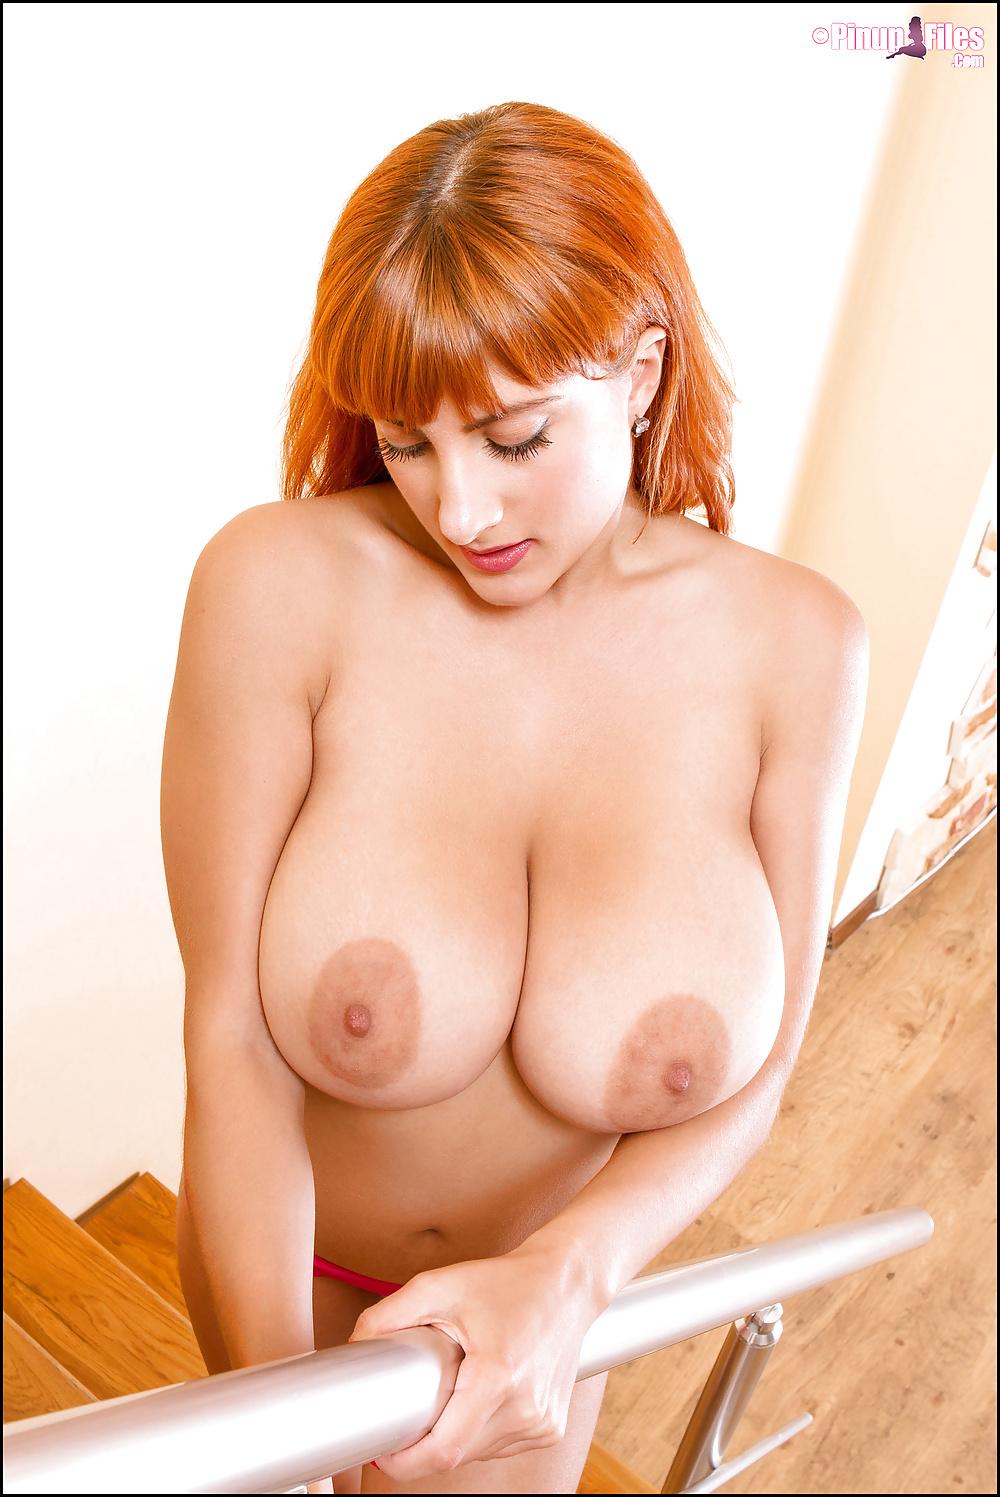 Bröst i Sex bildern gratis